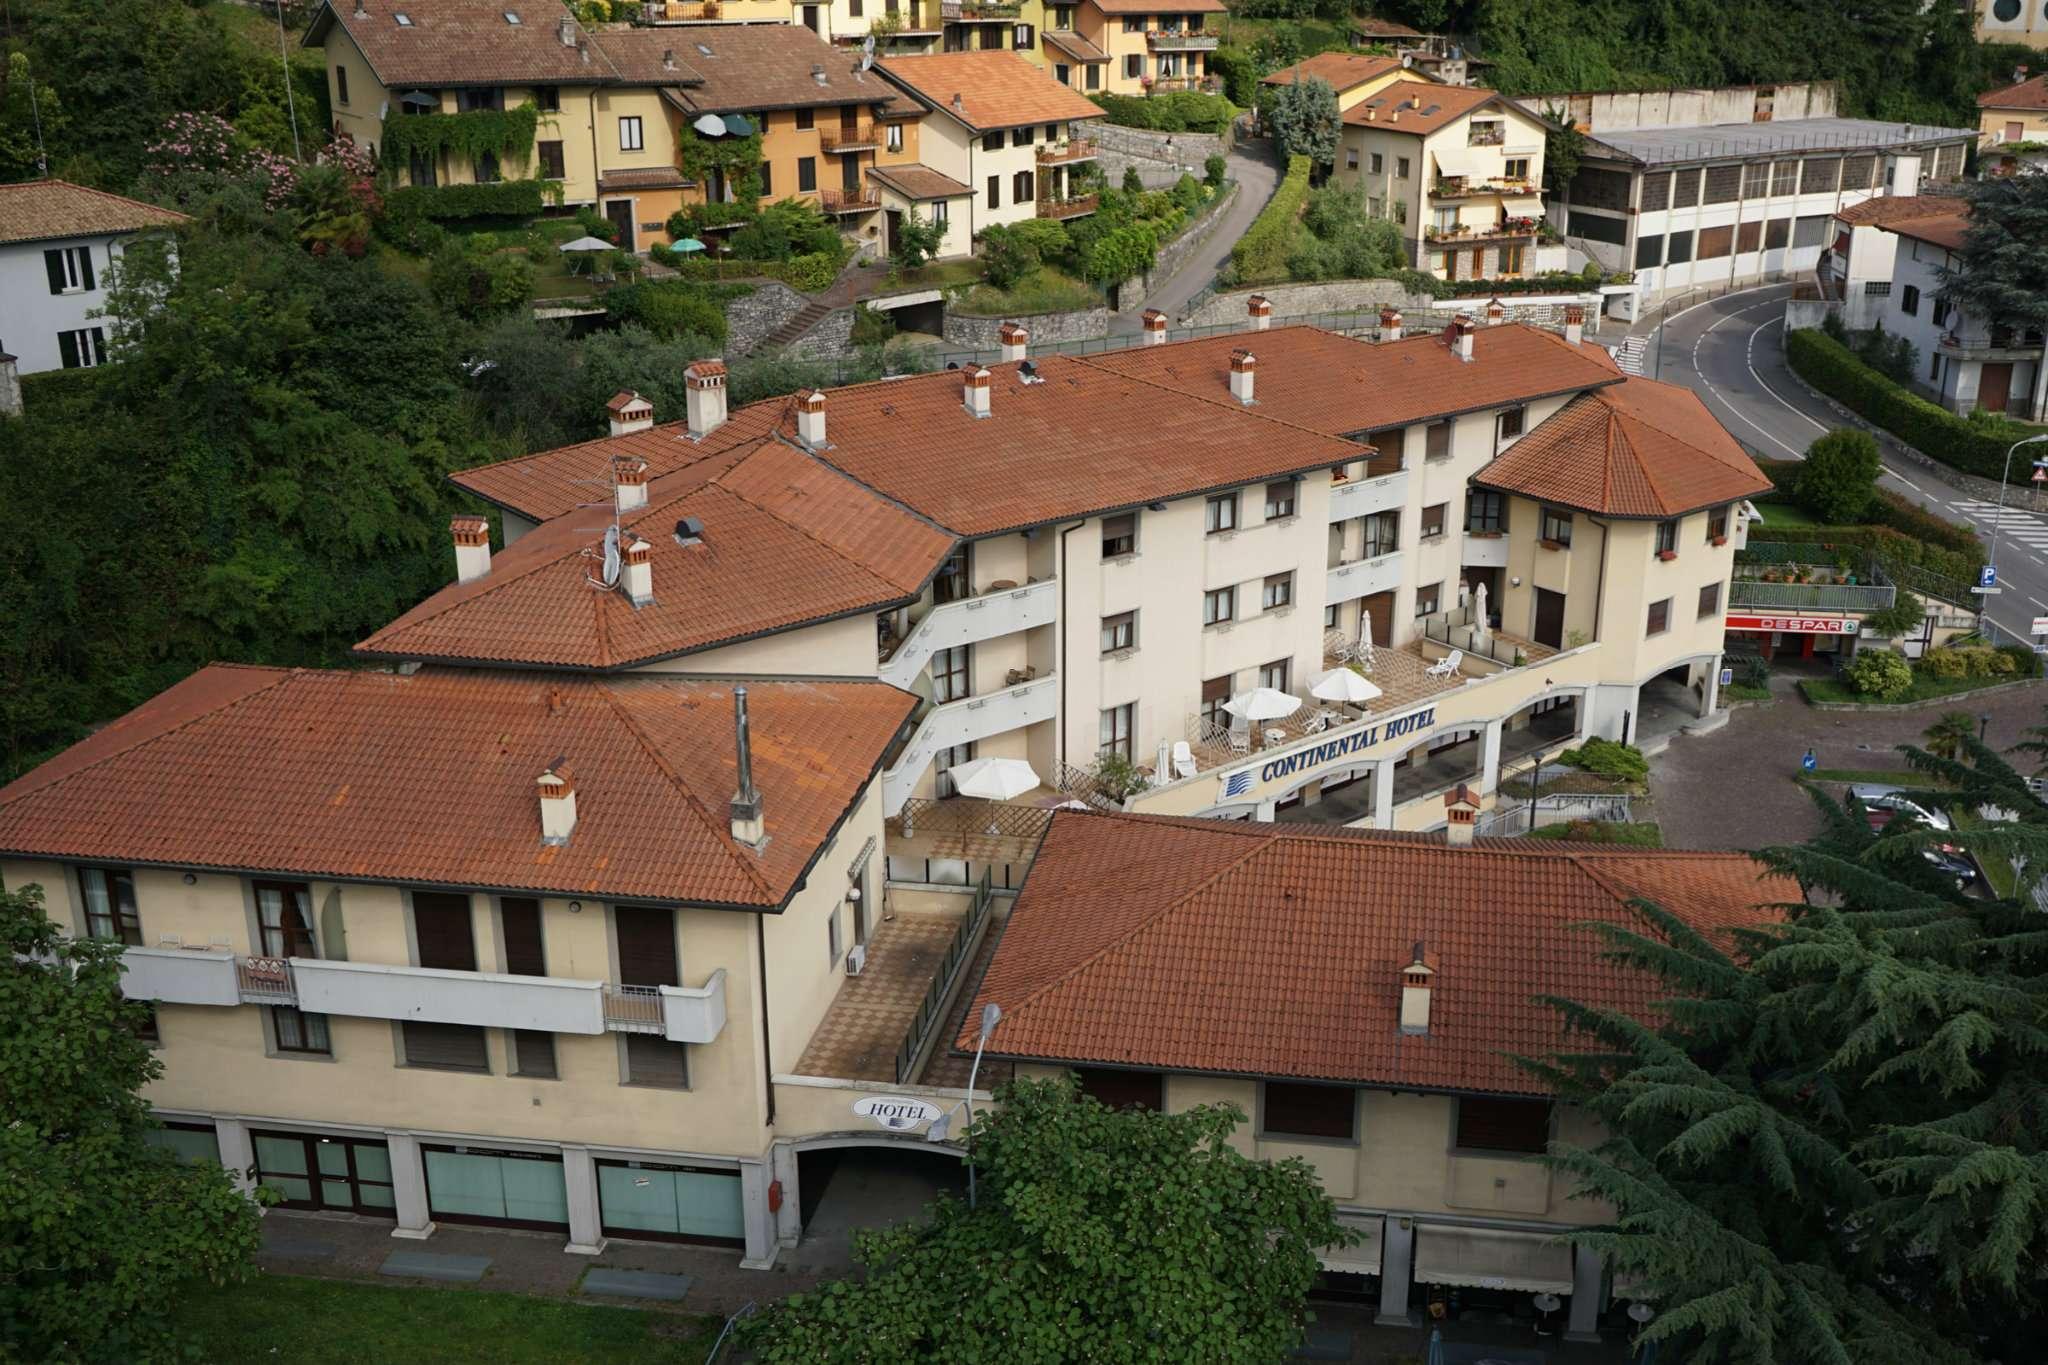 Appartamento in vendita a Lovere, 3 locali, prezzo € 200.000 | Cambio Casa.it